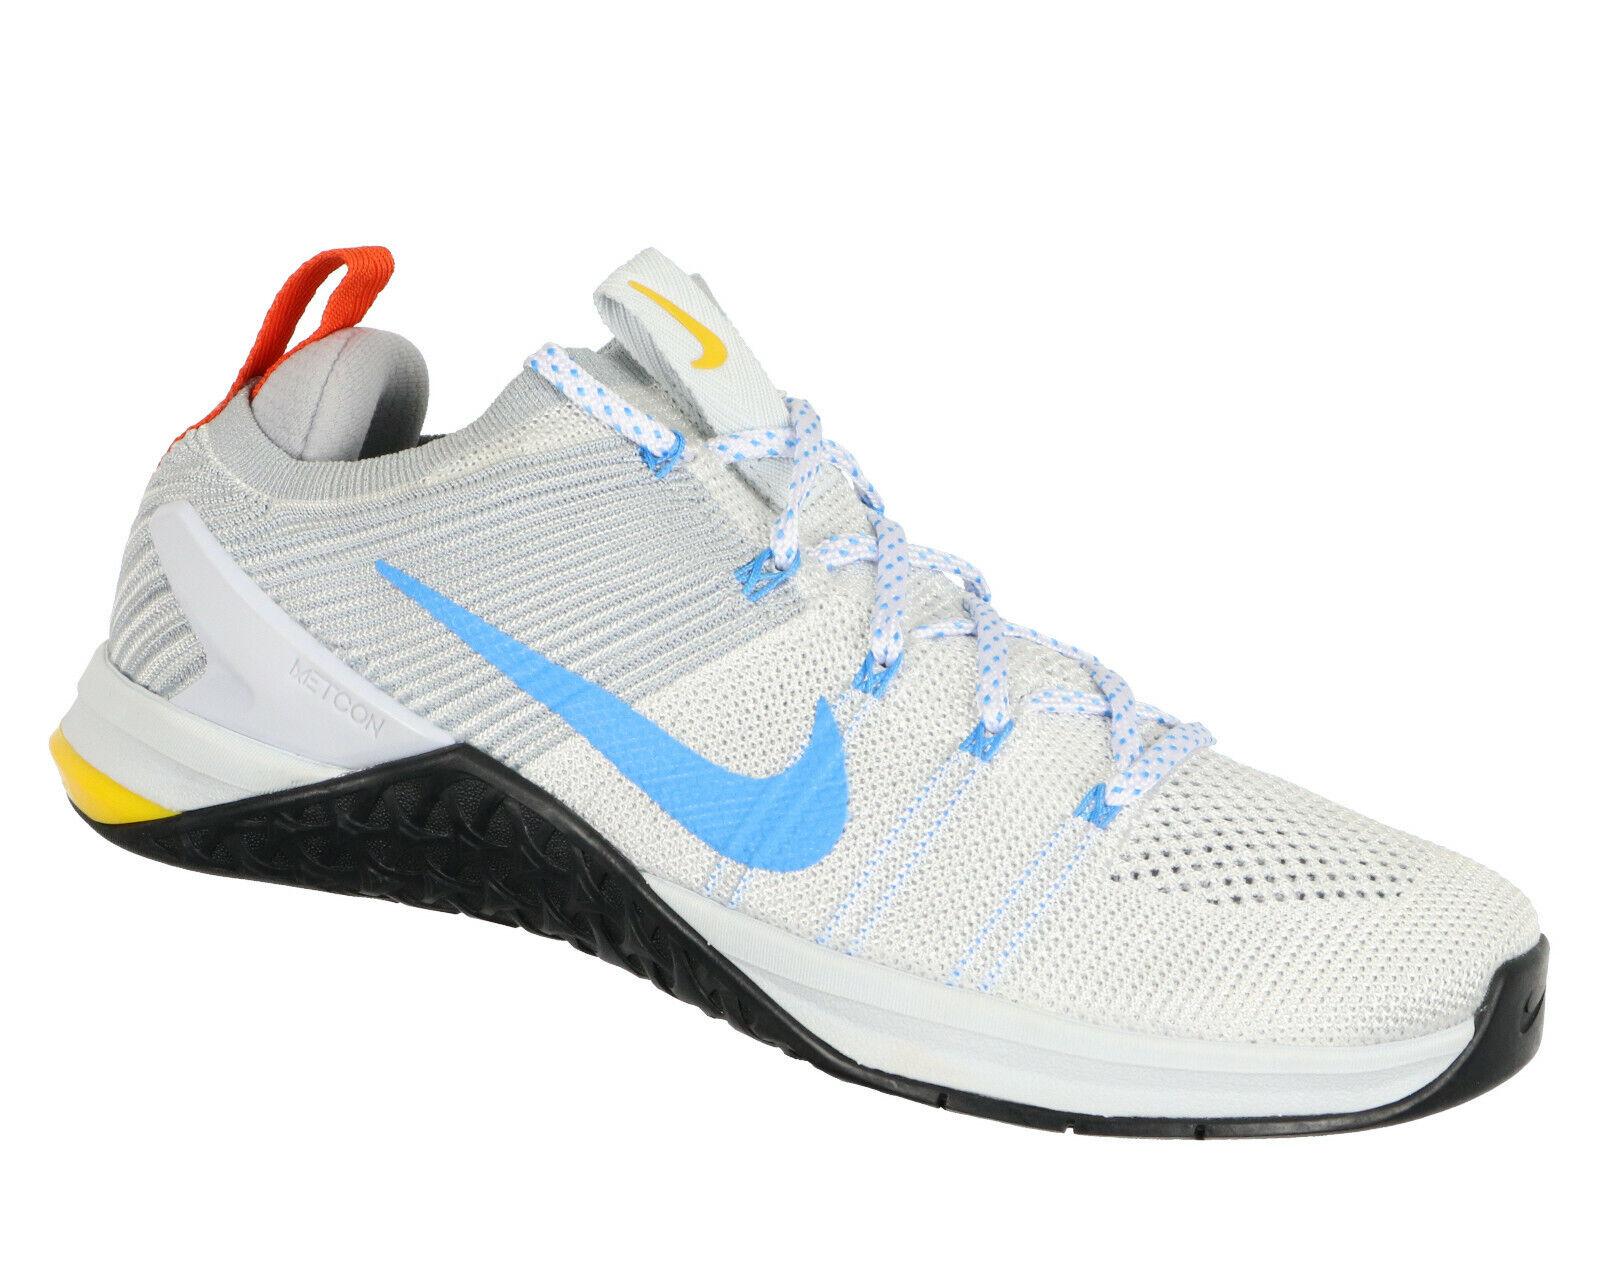 Nike Metcon Dsx Flyknit 2 Kreuz Turnschuhe Sz 10.5 Grau Blau Schwarz Turnschuhe